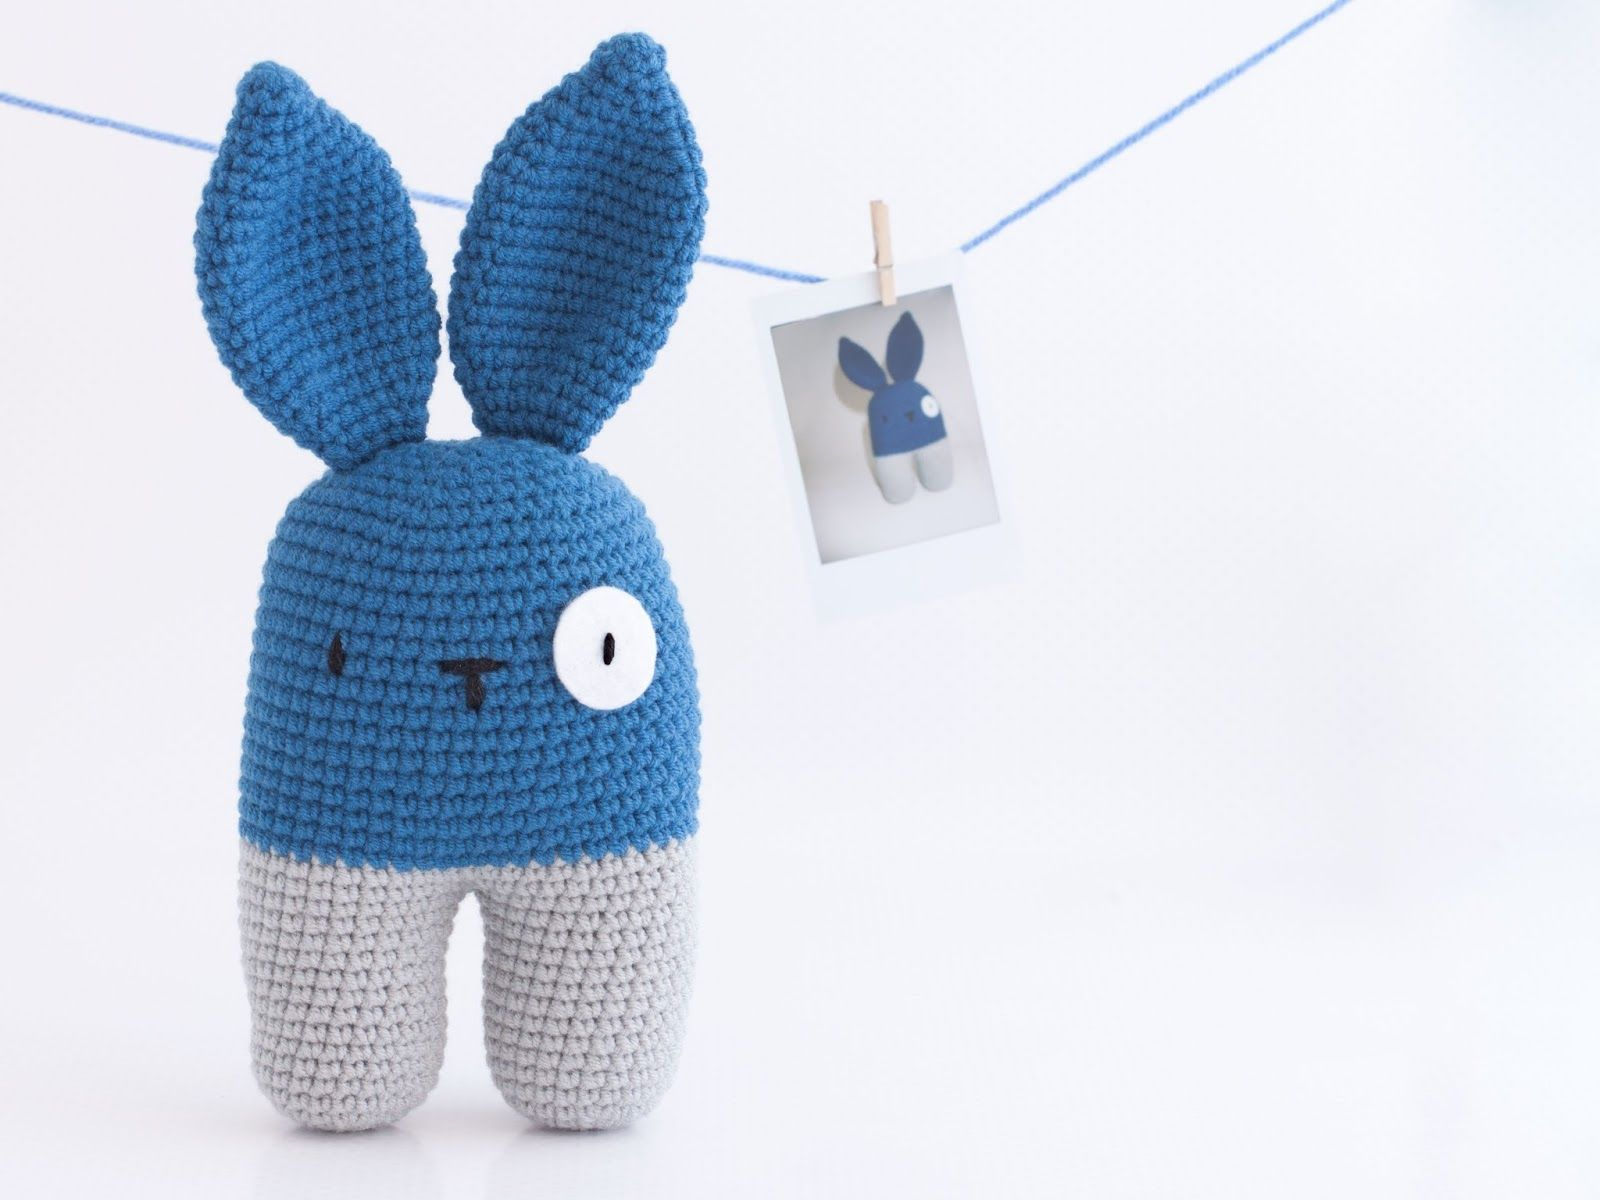 Amigurumi conejo bípedo (enlace a patrón gratis) | crocheting ...